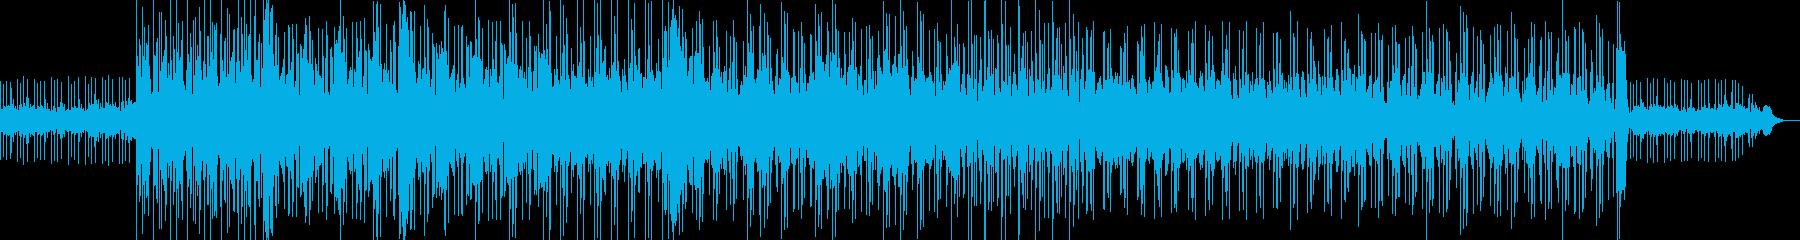 ロックの過剰なサイケデリック音楽。...の再生済みの波形